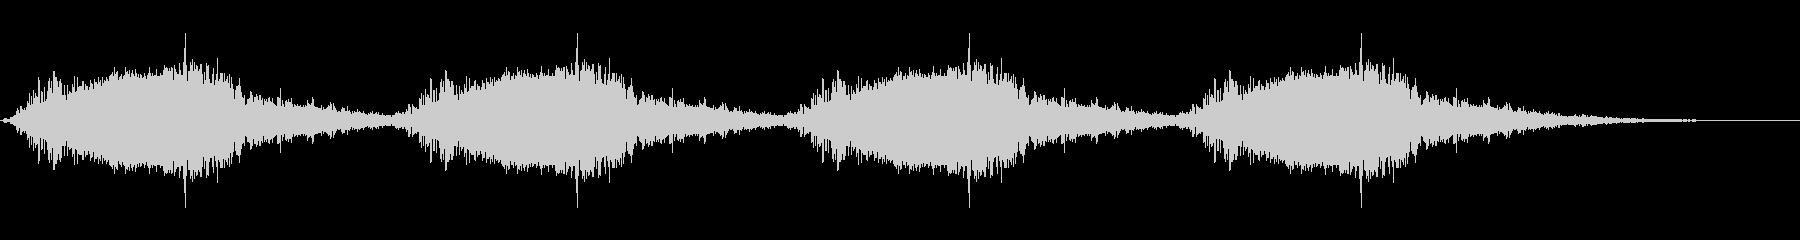 サイレン・警報2の未再生の波形